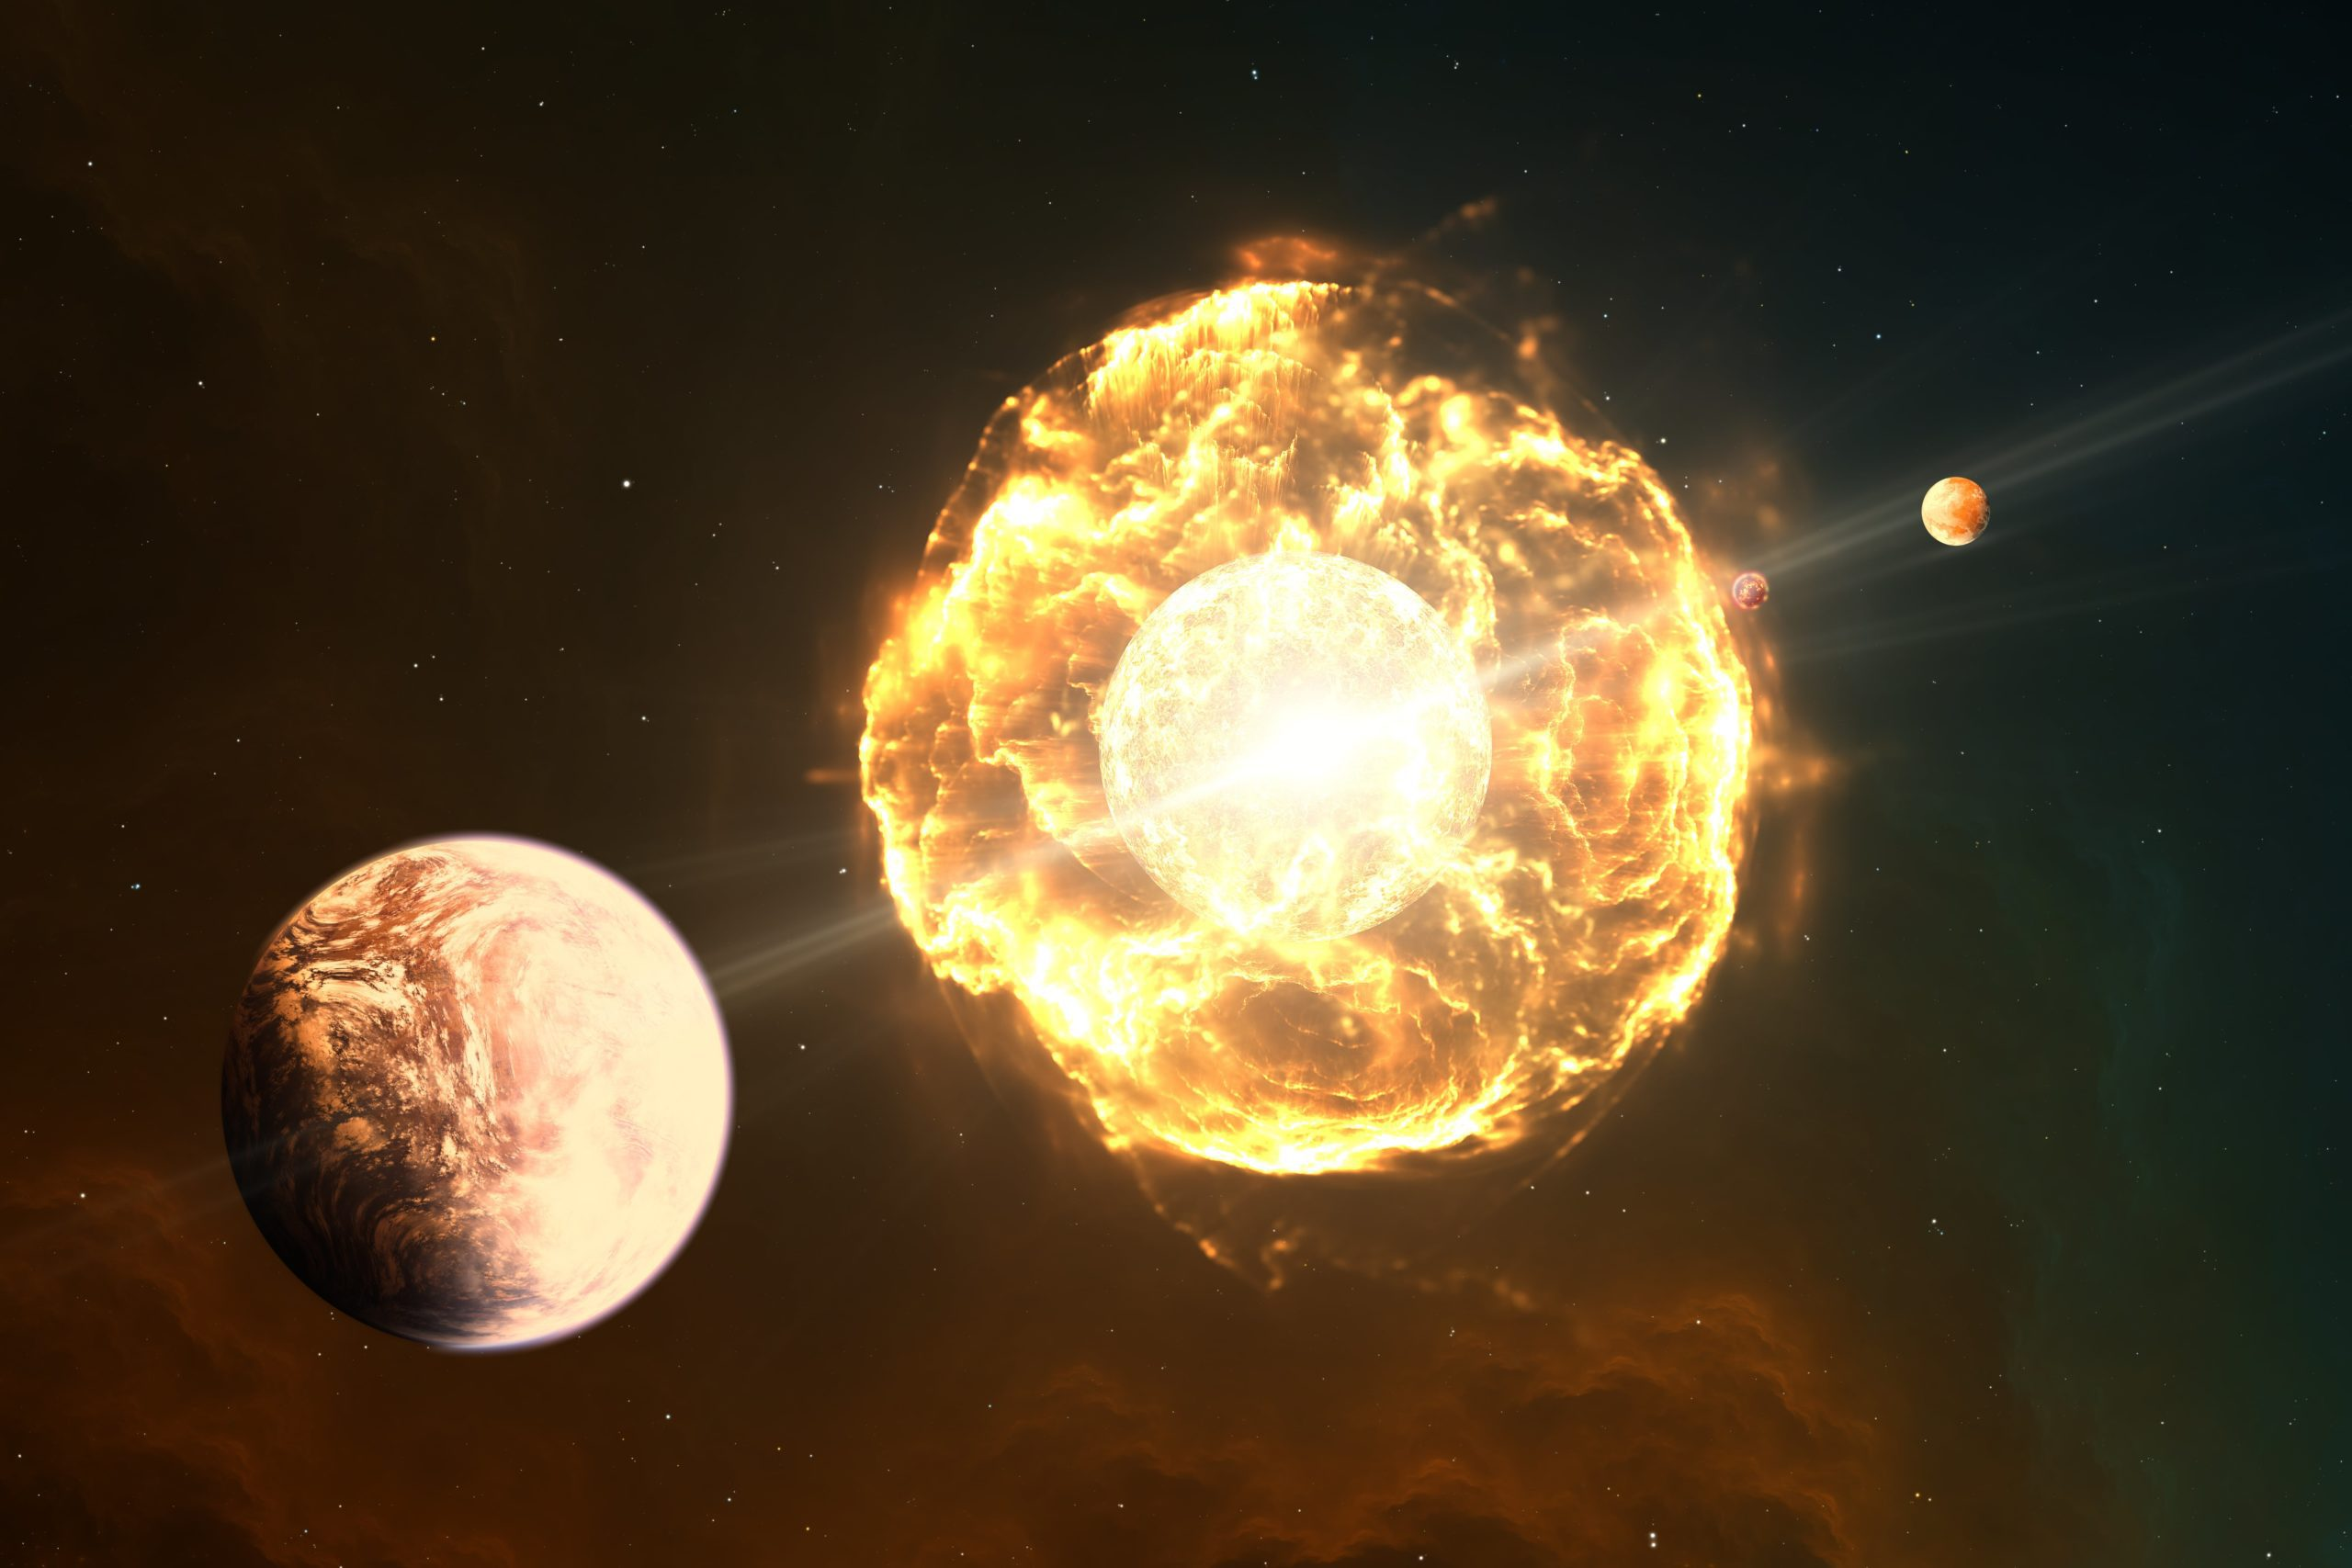 Czy istnieje życie po śmierci… słońca? Naukowcy mówią o szansach na odrodzenie